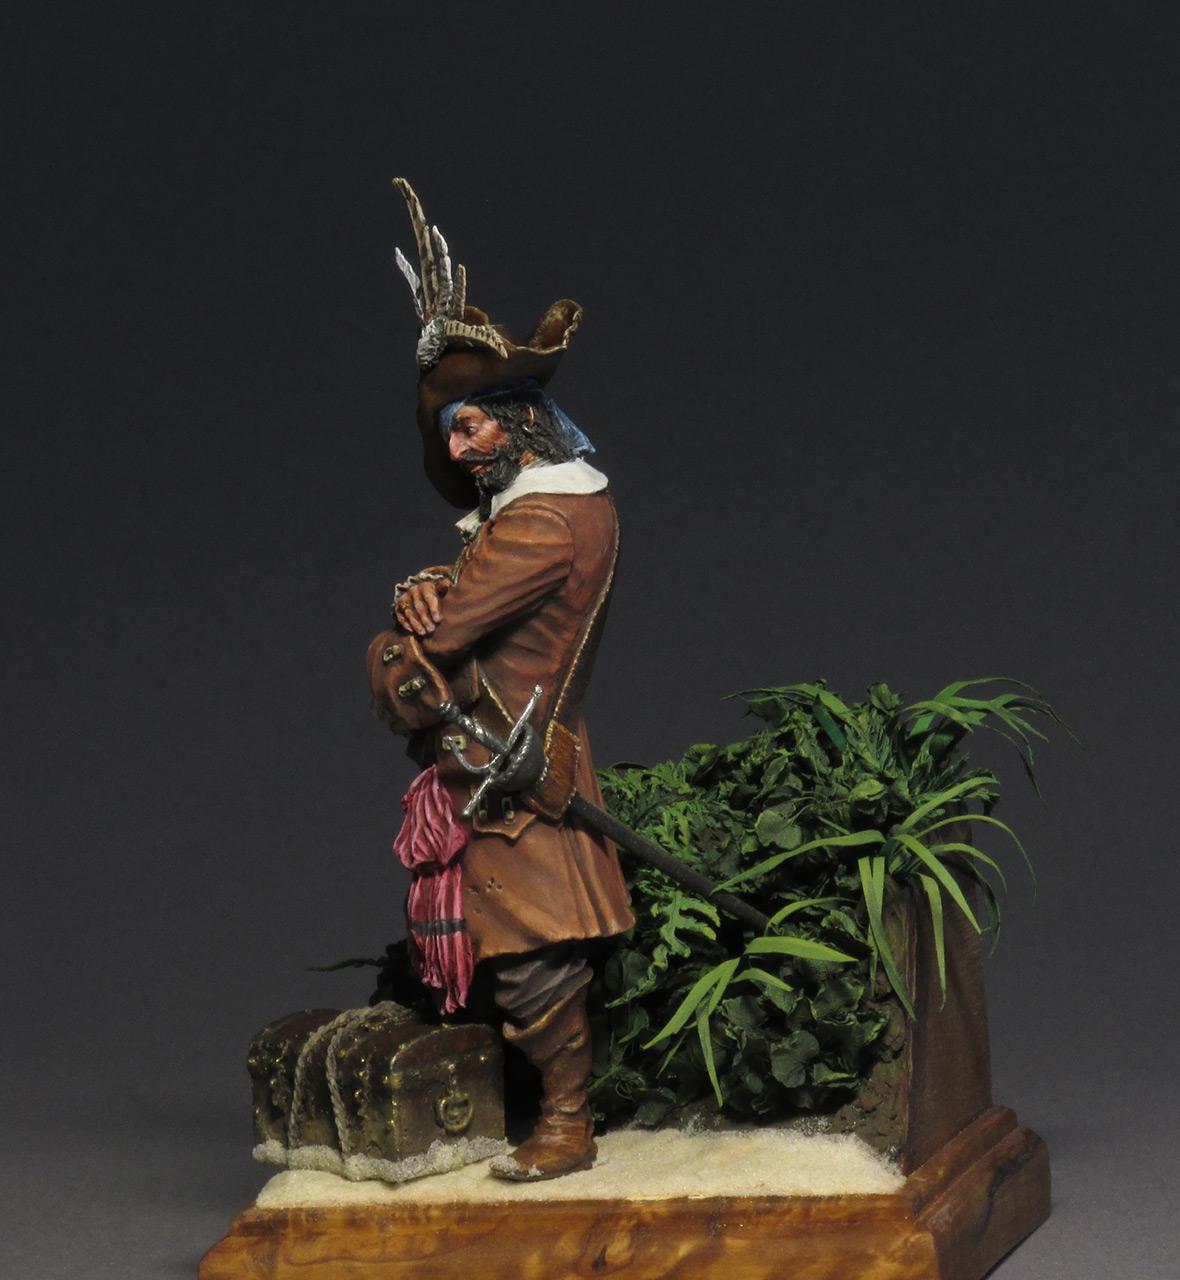 Figures: Captain Teague, photo #8